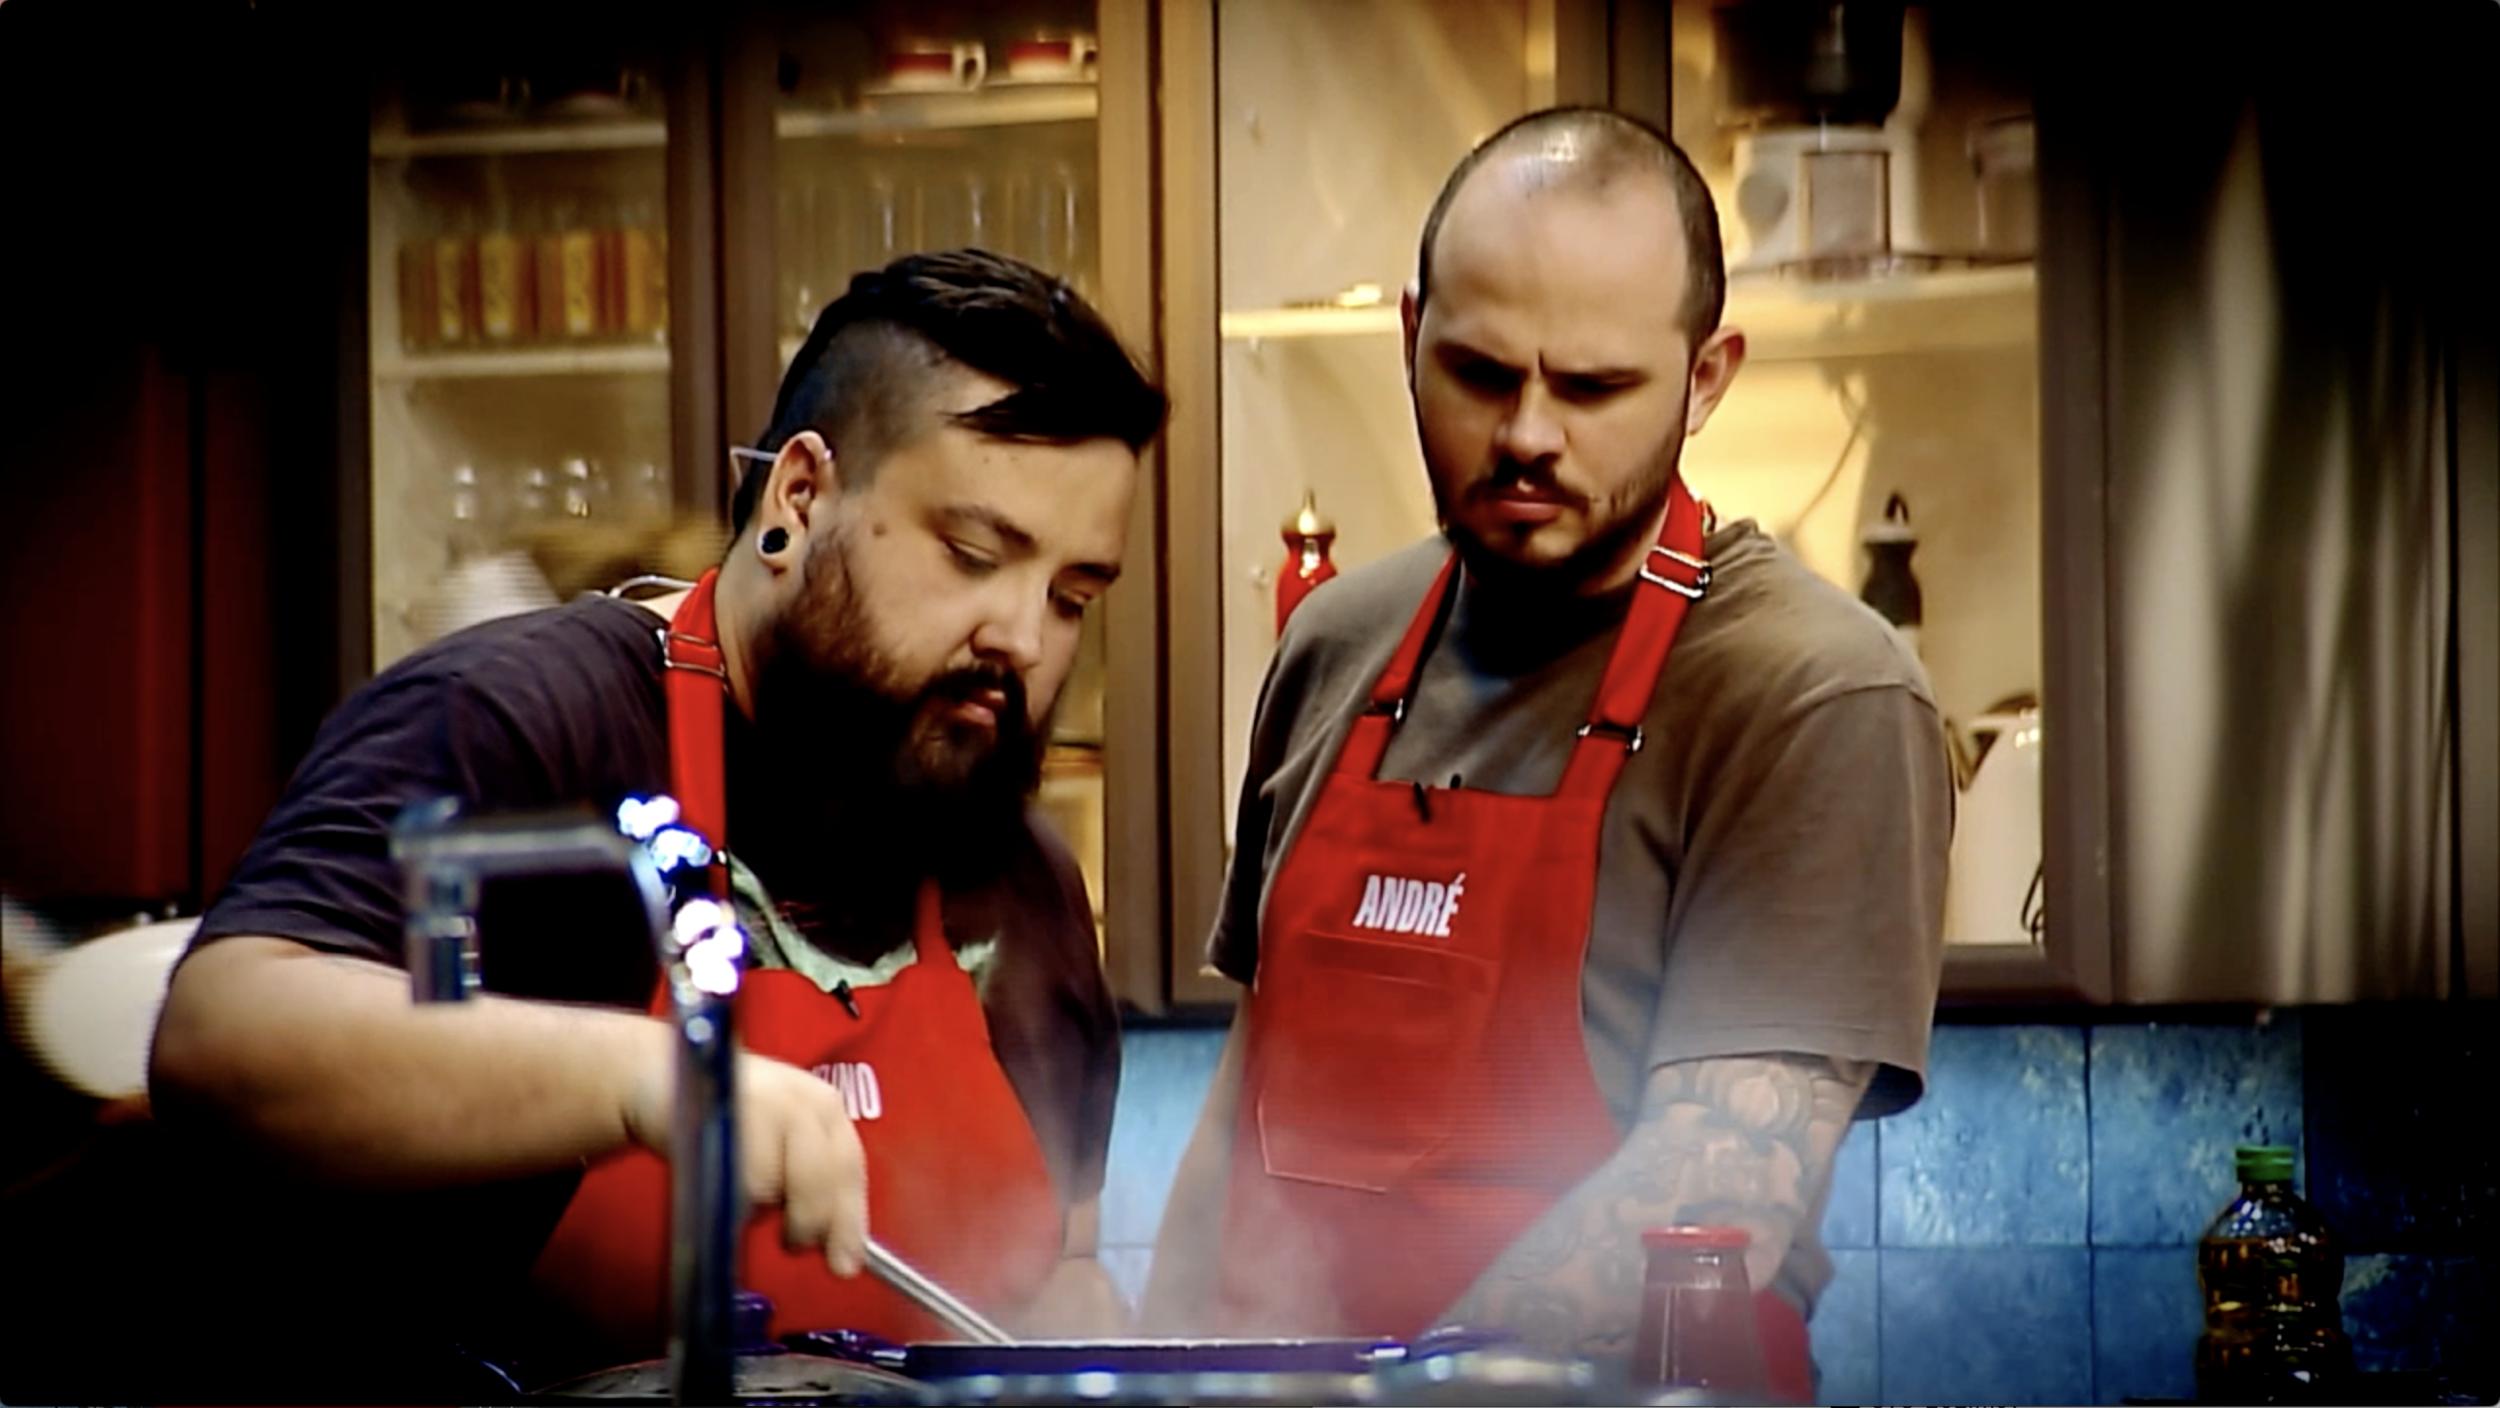 Batalha_dos_cozinheiros_11.png